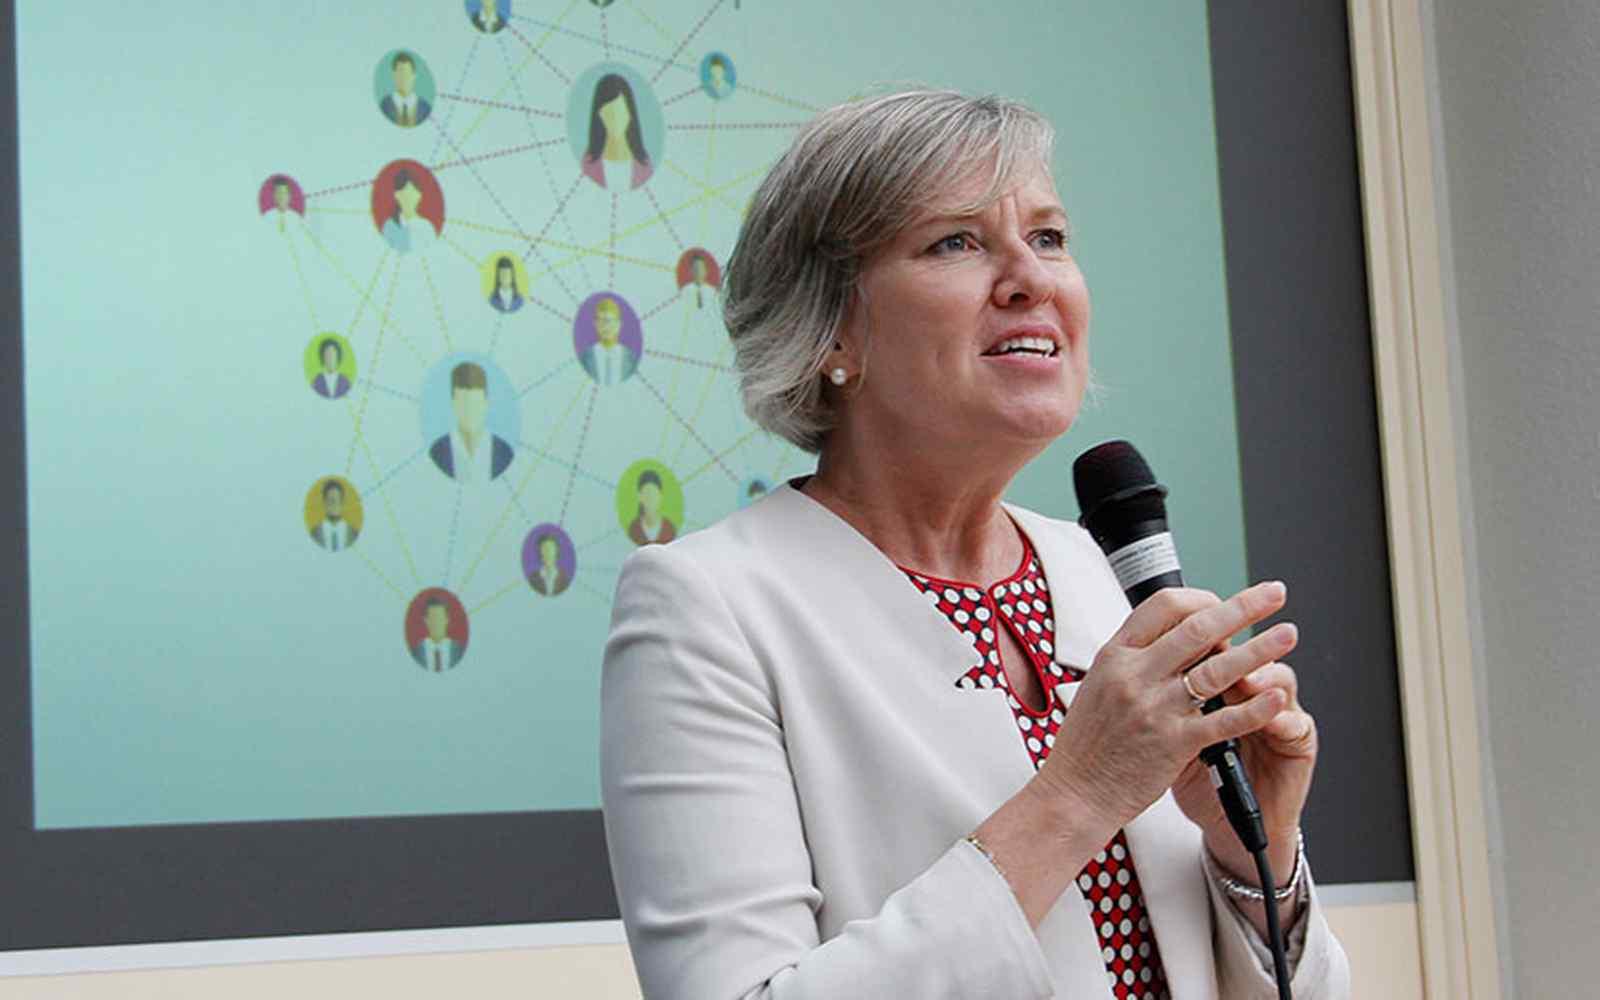 Helen Sworn holding a microphone giving speech